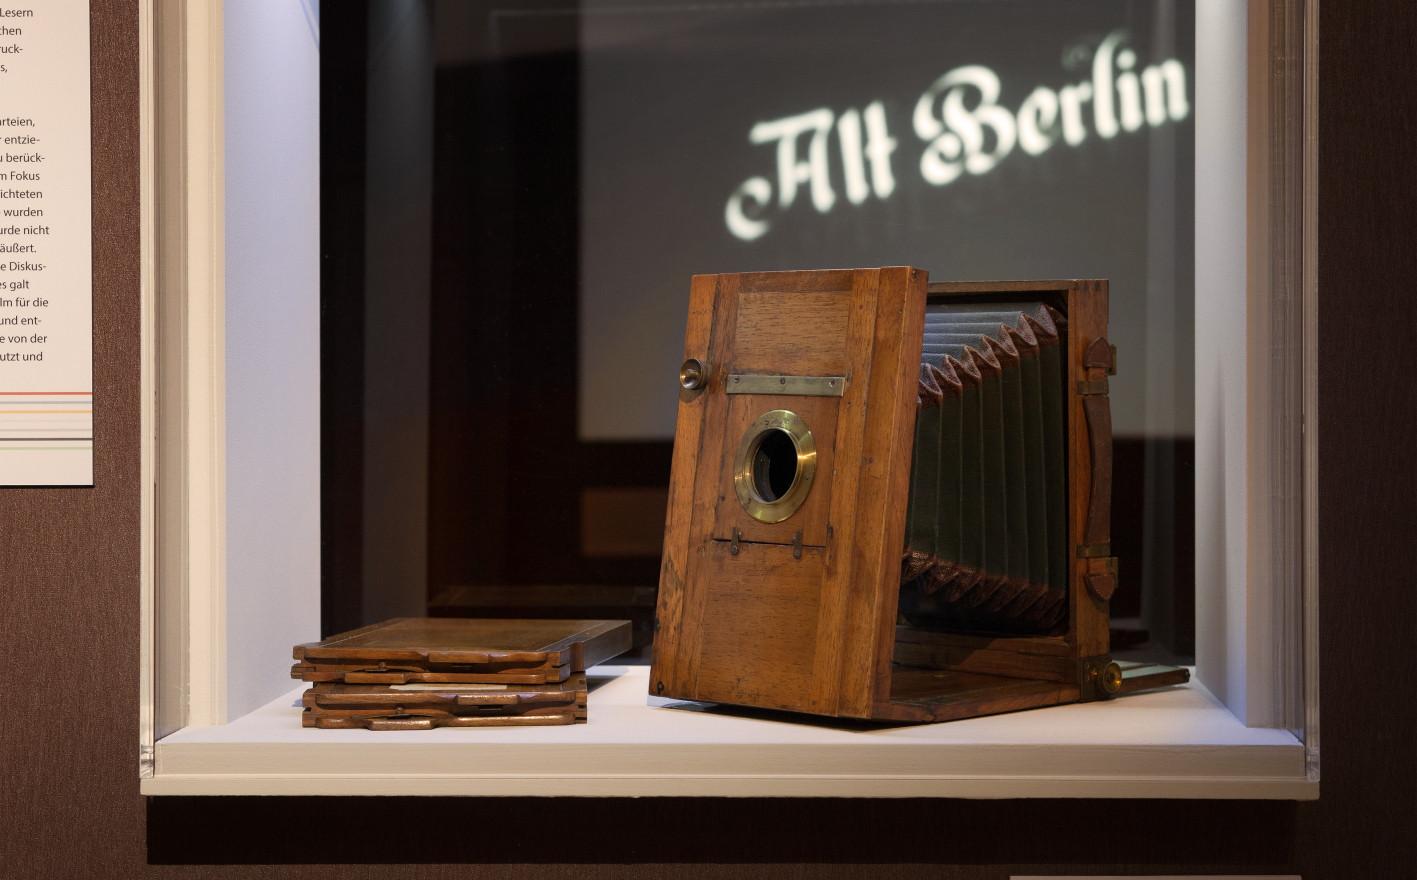 1913 - Herrlich moderne Zeiten?